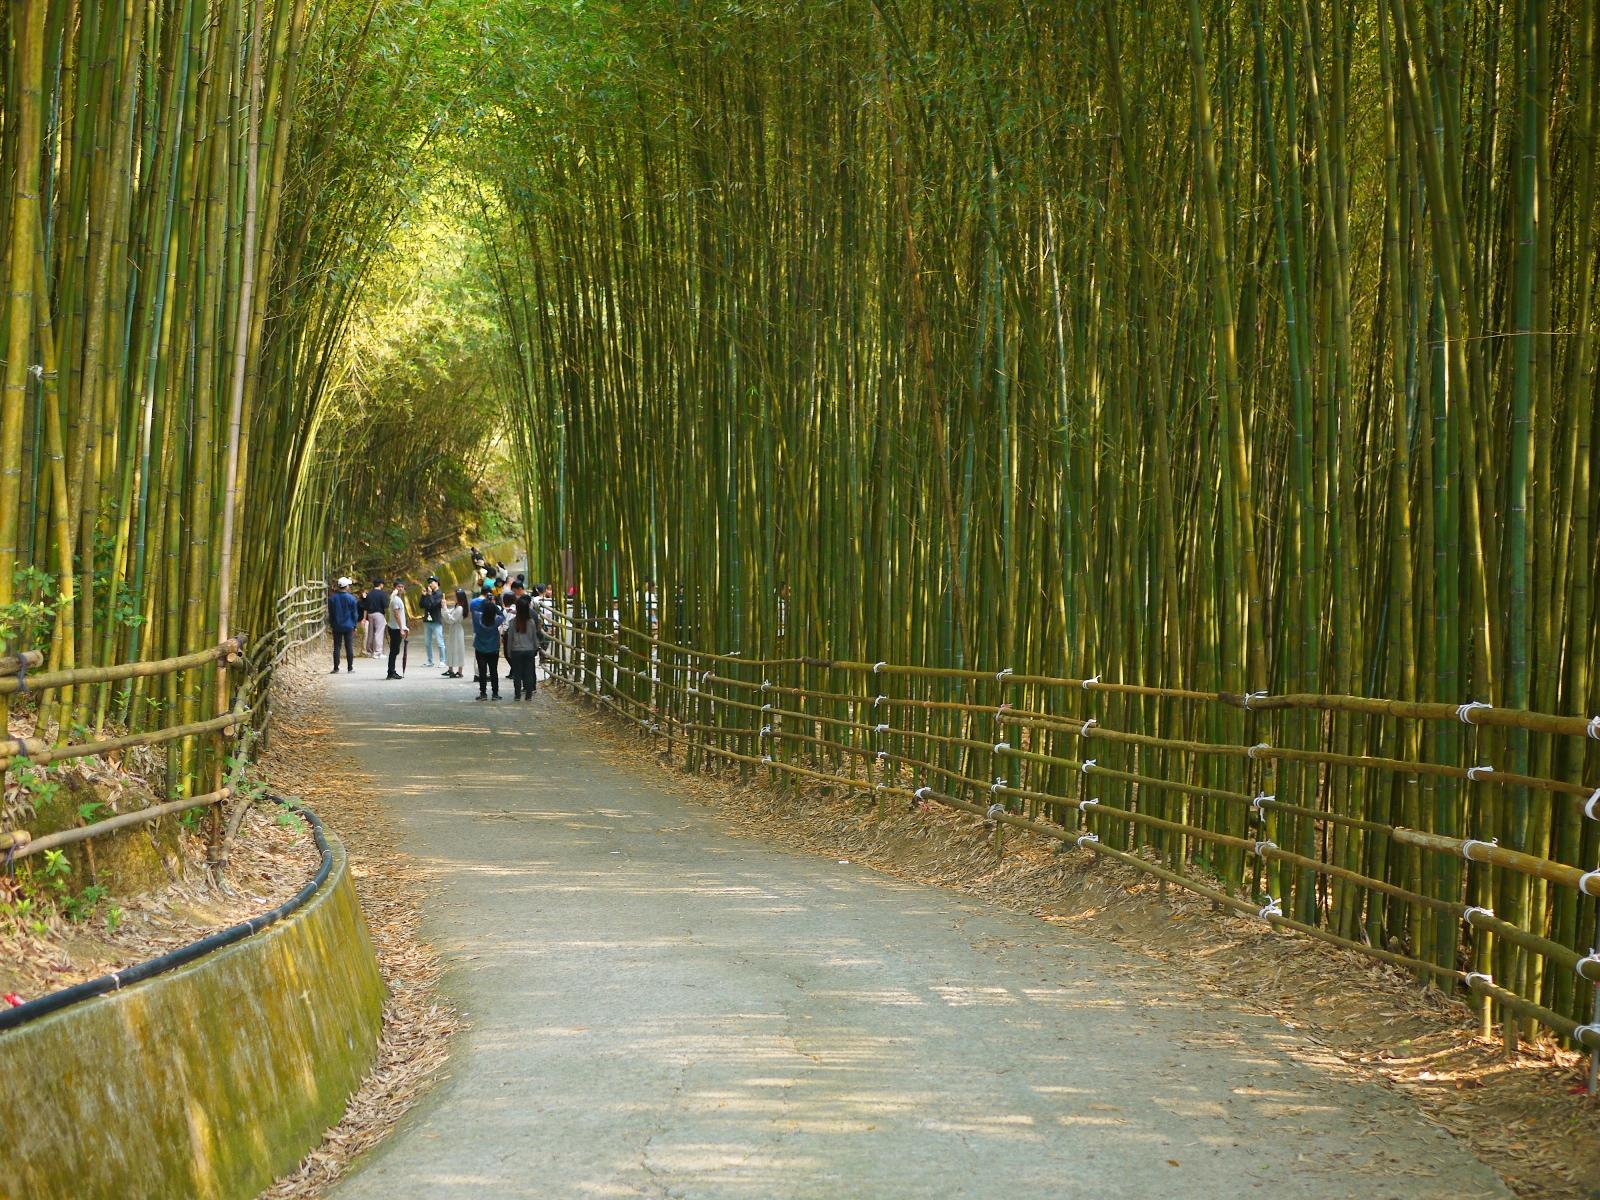 彷彿置身在日本京都嵐山的竹林小徑 | 烏嘎彥竹林 | タイアン | ミアオリー | 巡日旅行攝